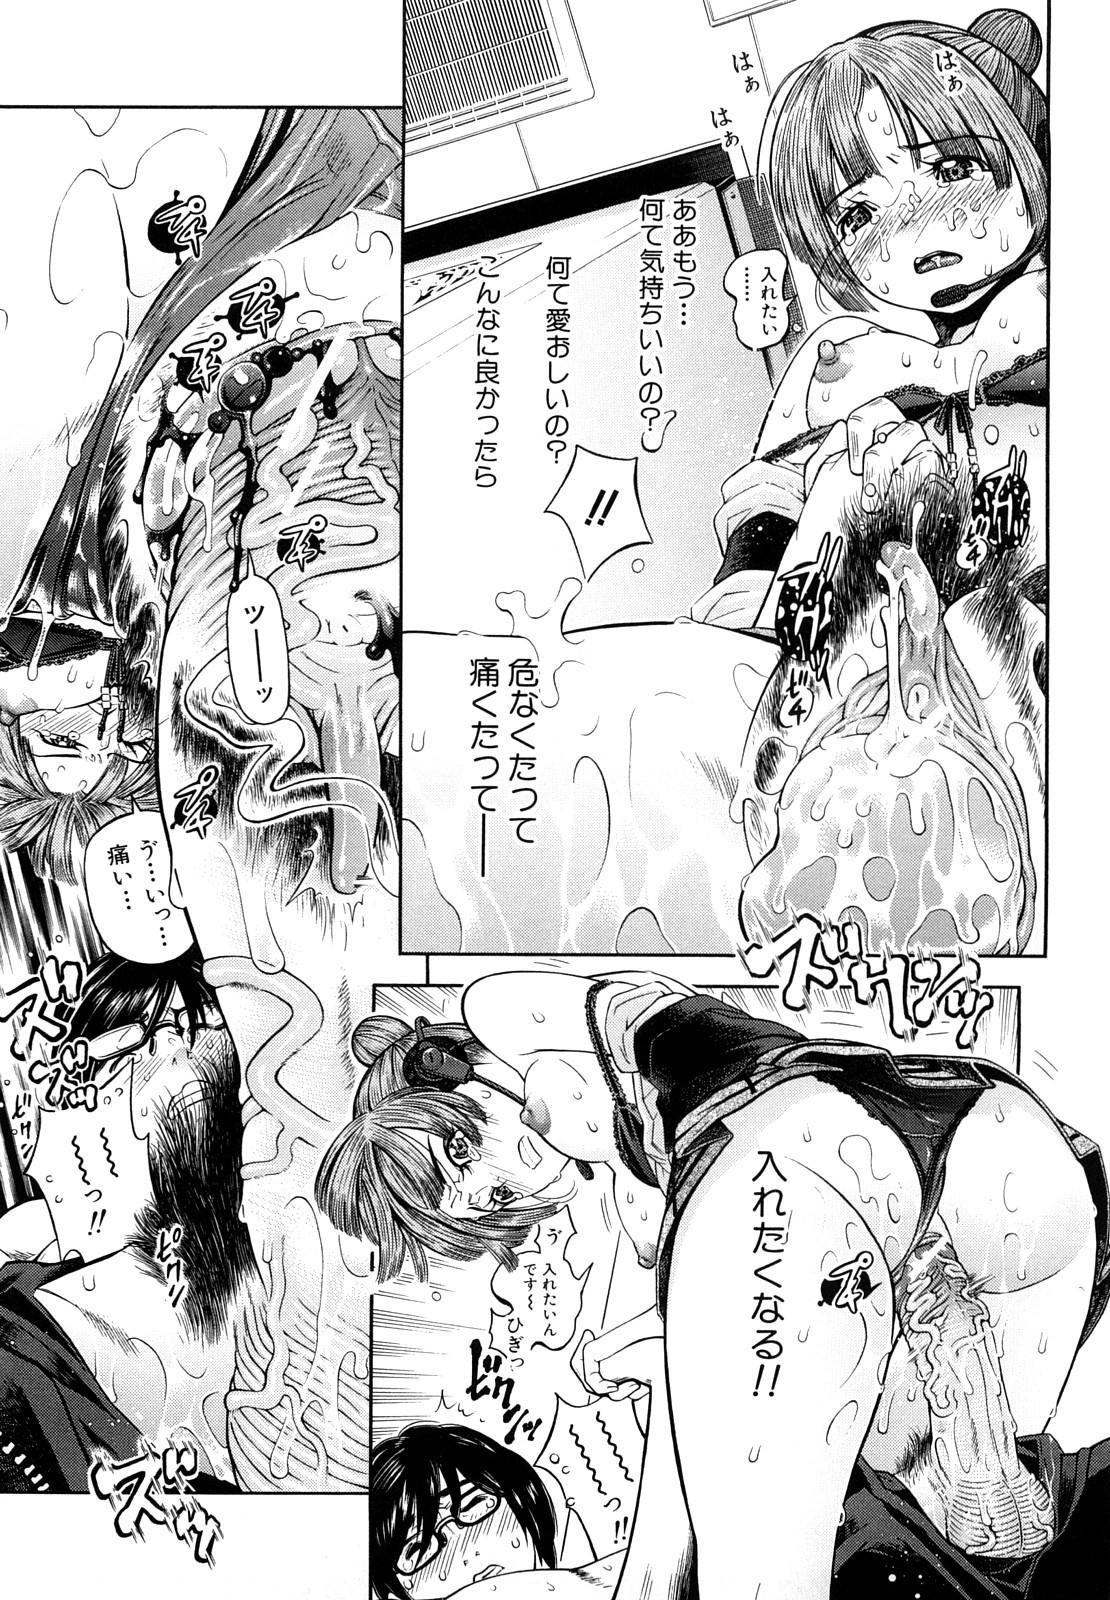 Chijyotachi no Kirifuda 185